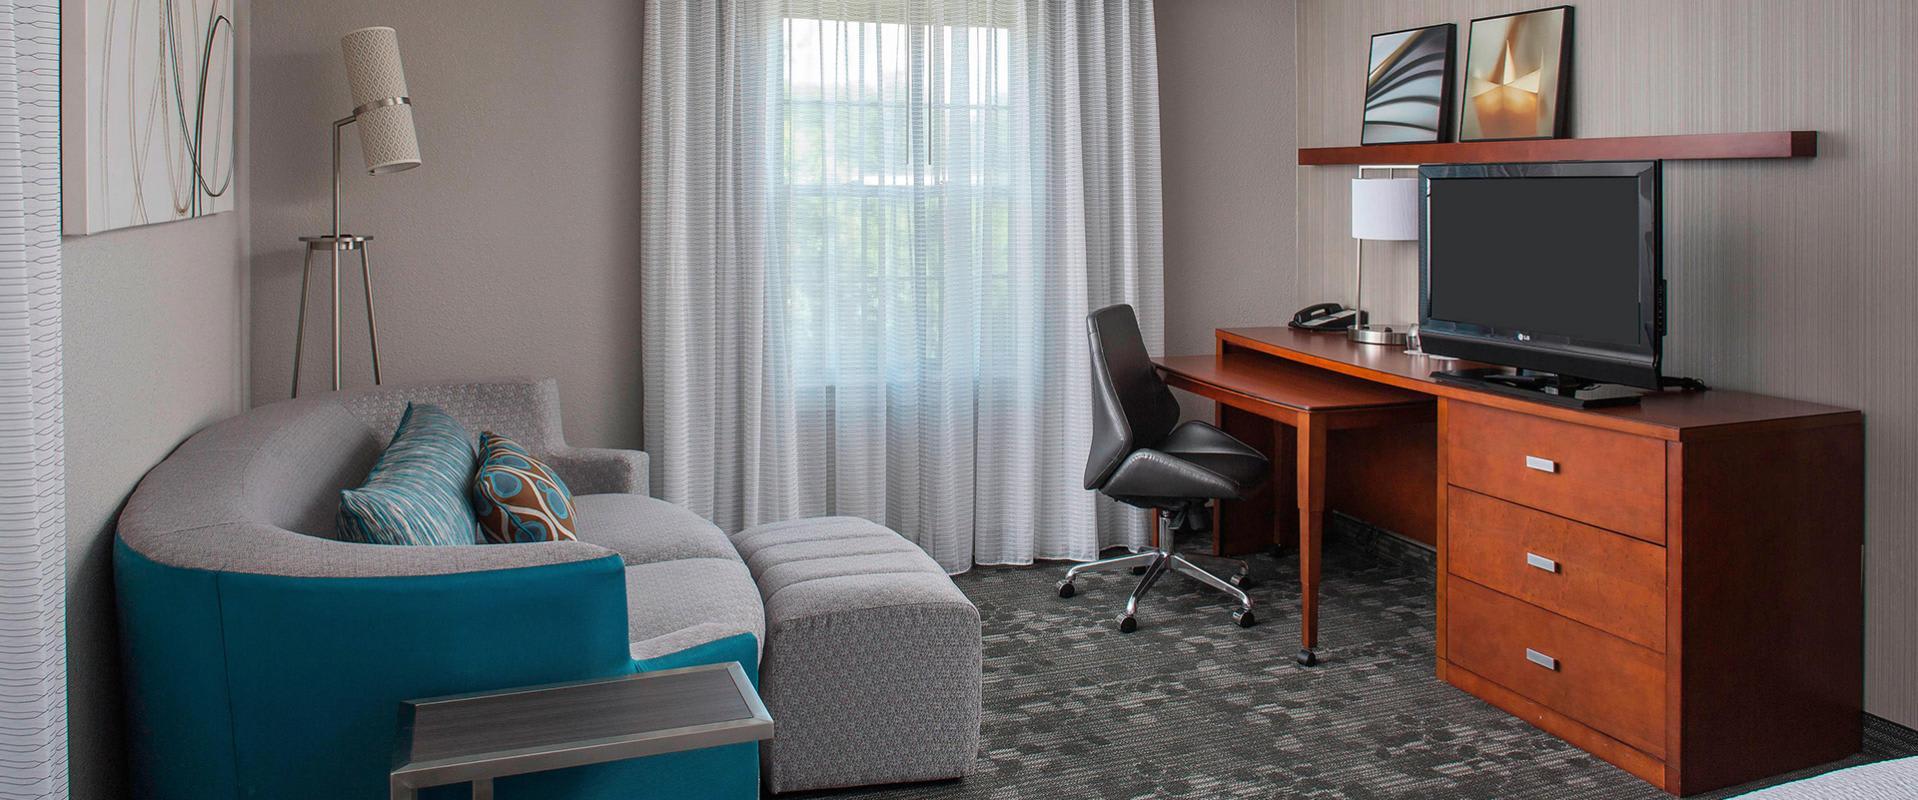 Junio King Suite Living Area